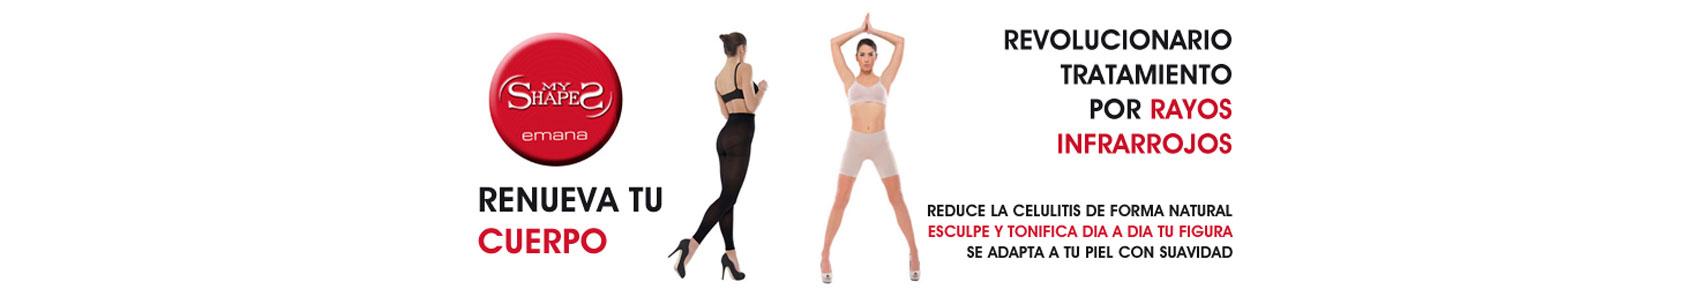 Anayca - Centro de belleza y bienestar - Centro pilates Pili Gordo - My Shape Emana